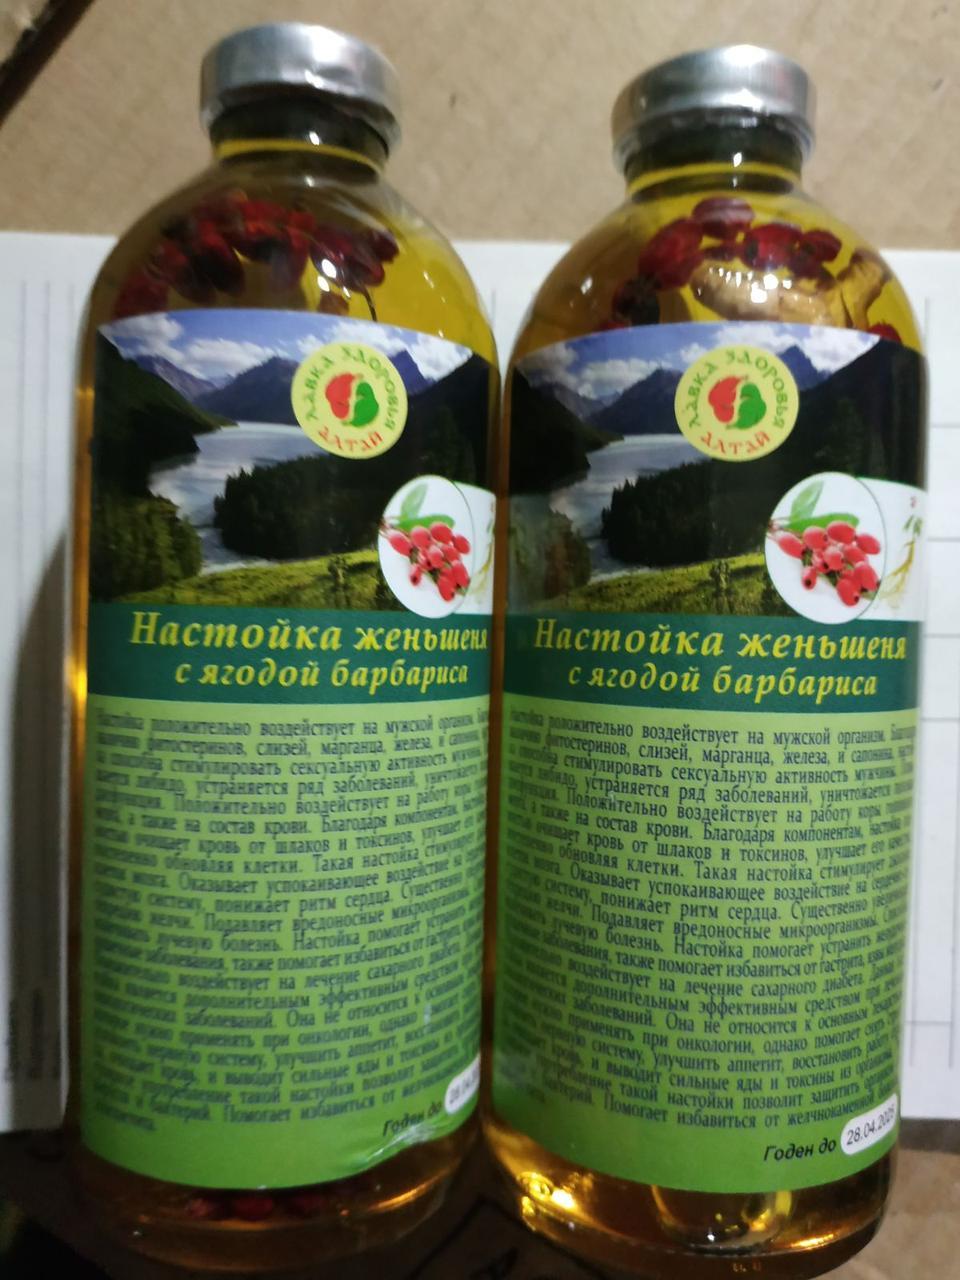 Настойка женьшеня с ягодой барбариса (водно-спиртовая) 200 мл